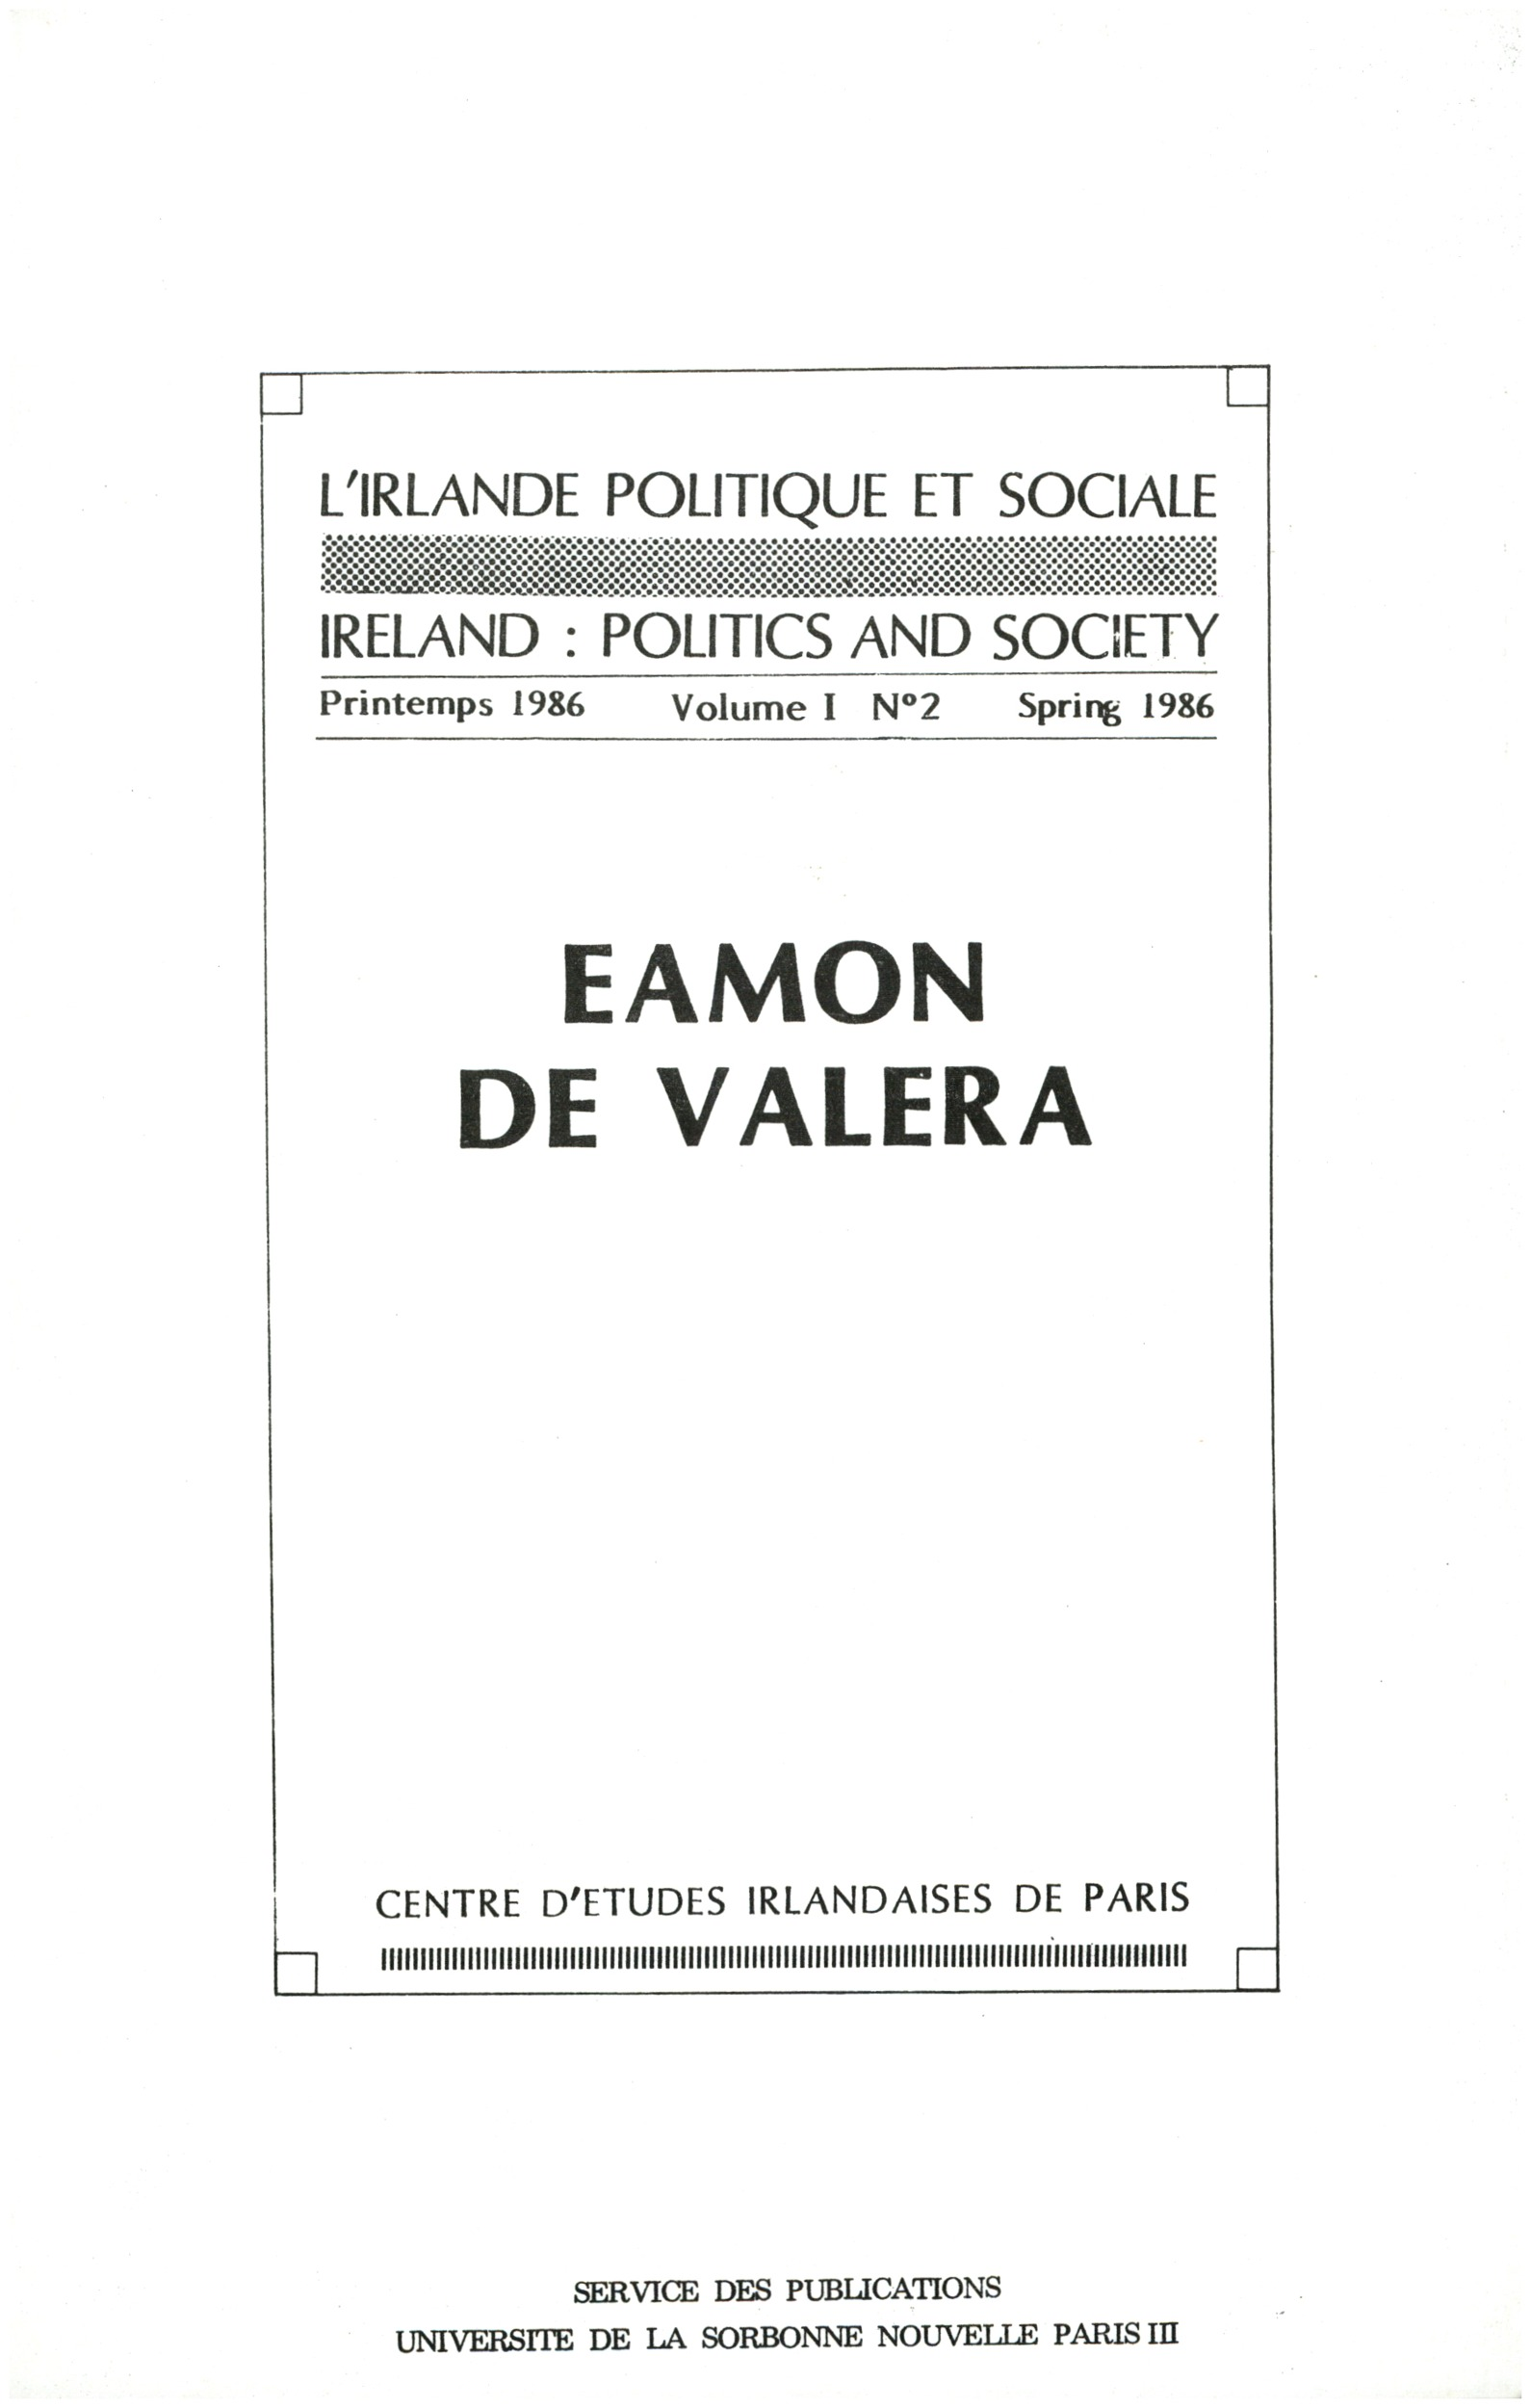 Eamon de Valera